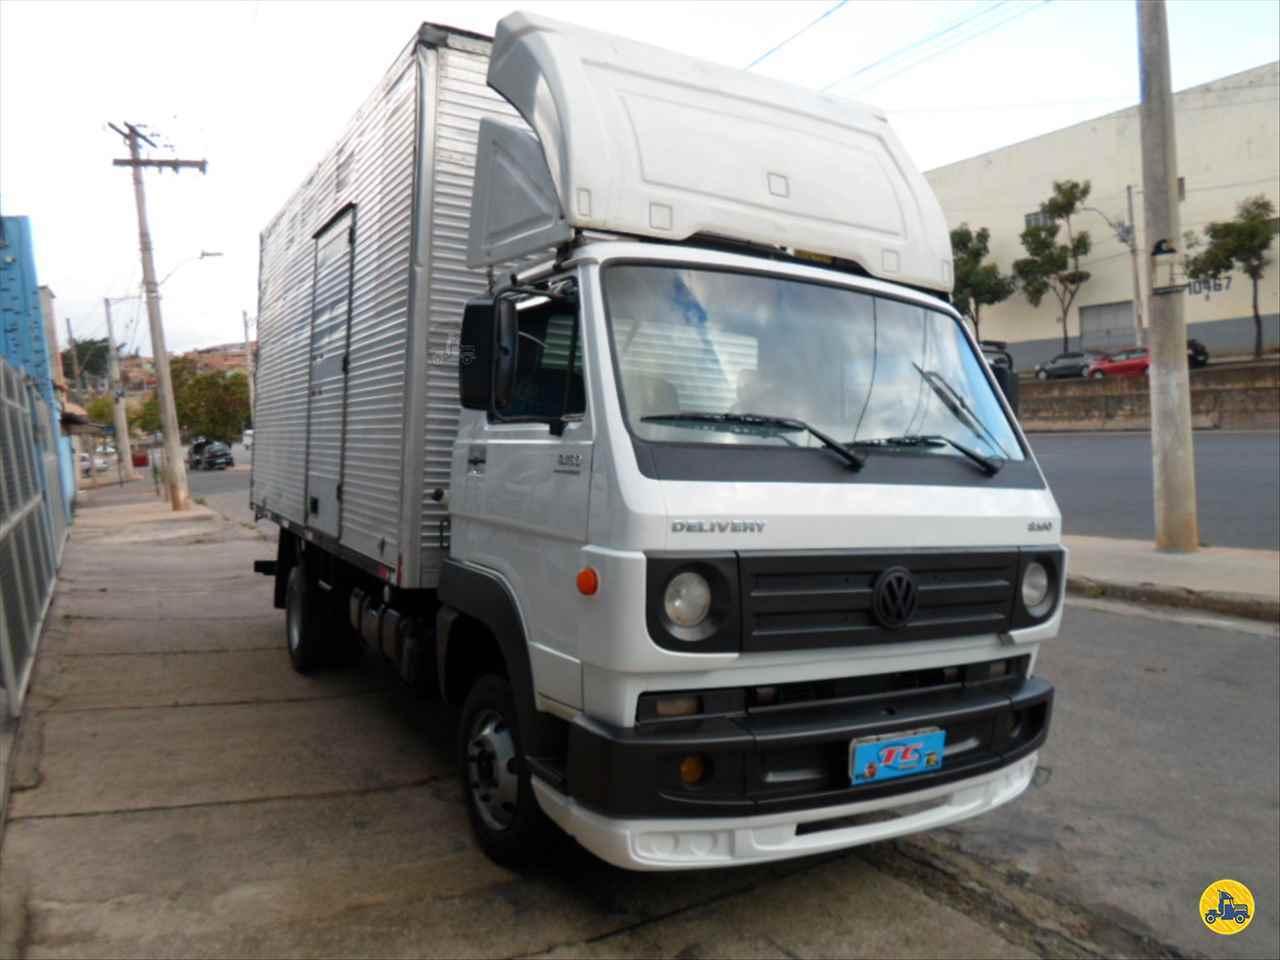 CAMINHAO VOLKSWAGEN VW 8160 Baú Furgão 3/4 4x2 TC Caminhões  BELO HORIZONTE MINAS GERAIS MG